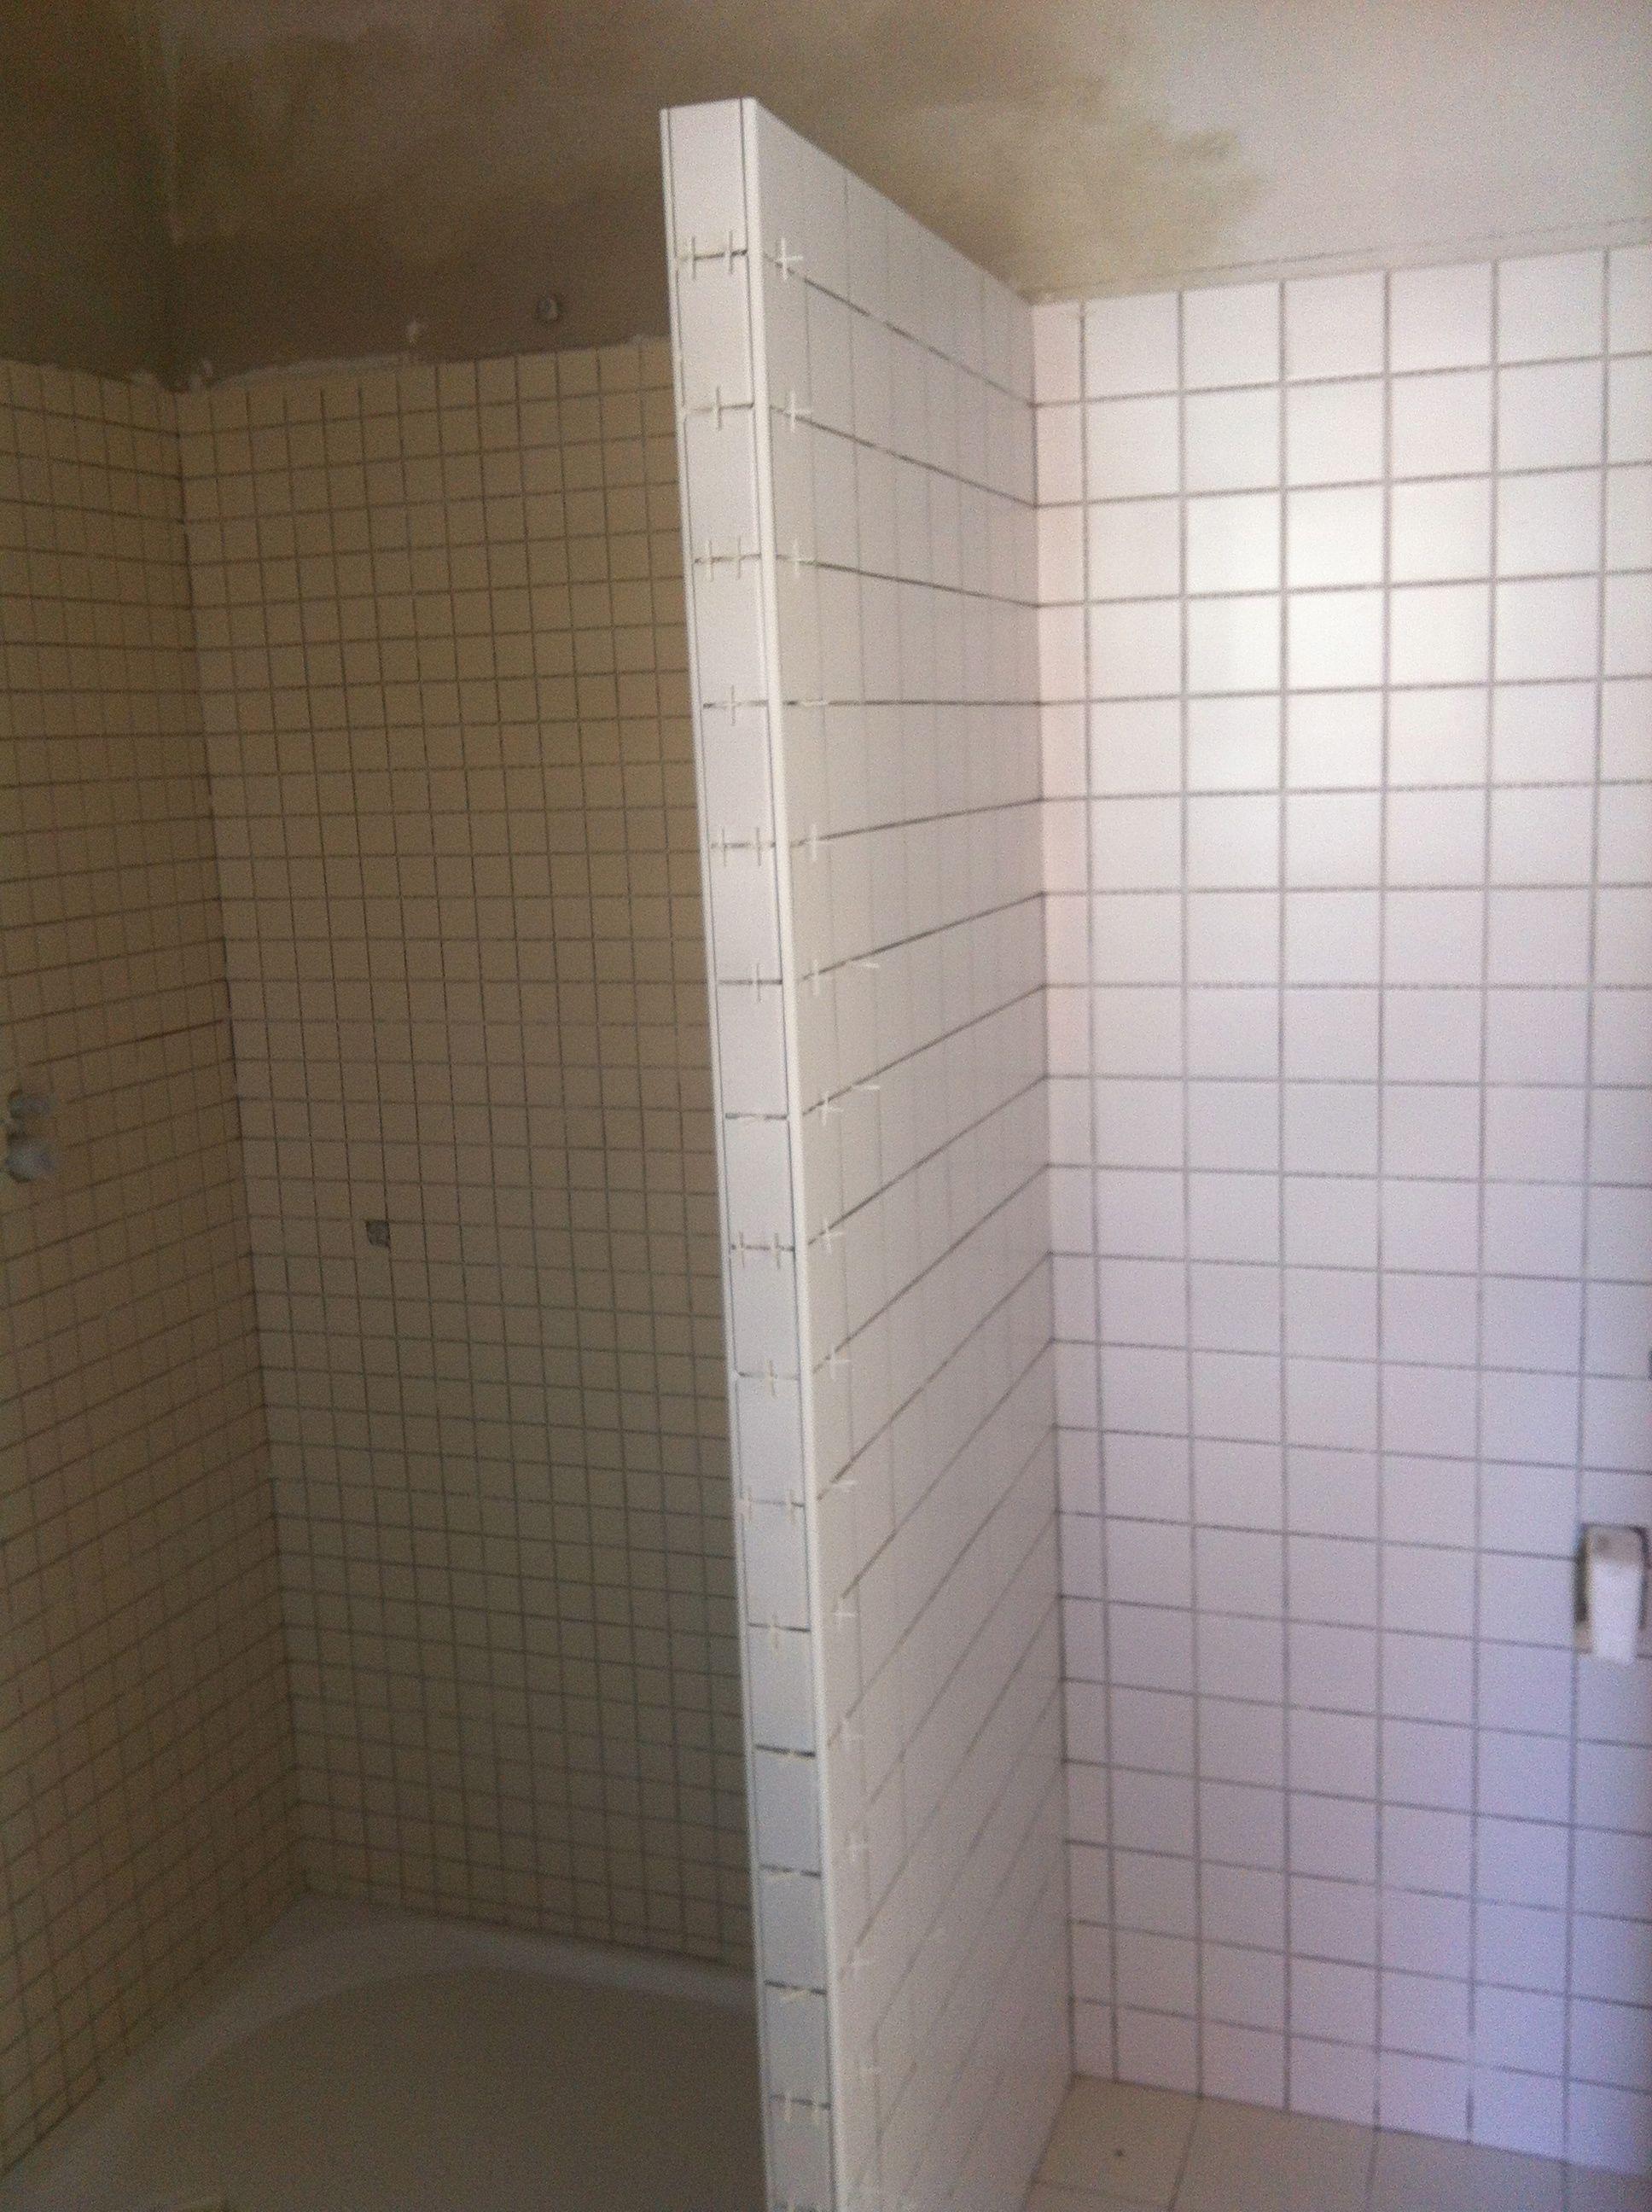 Posa di pannelli in polistirene espanso ed estruso meinardi - Piastrelle doccia ...